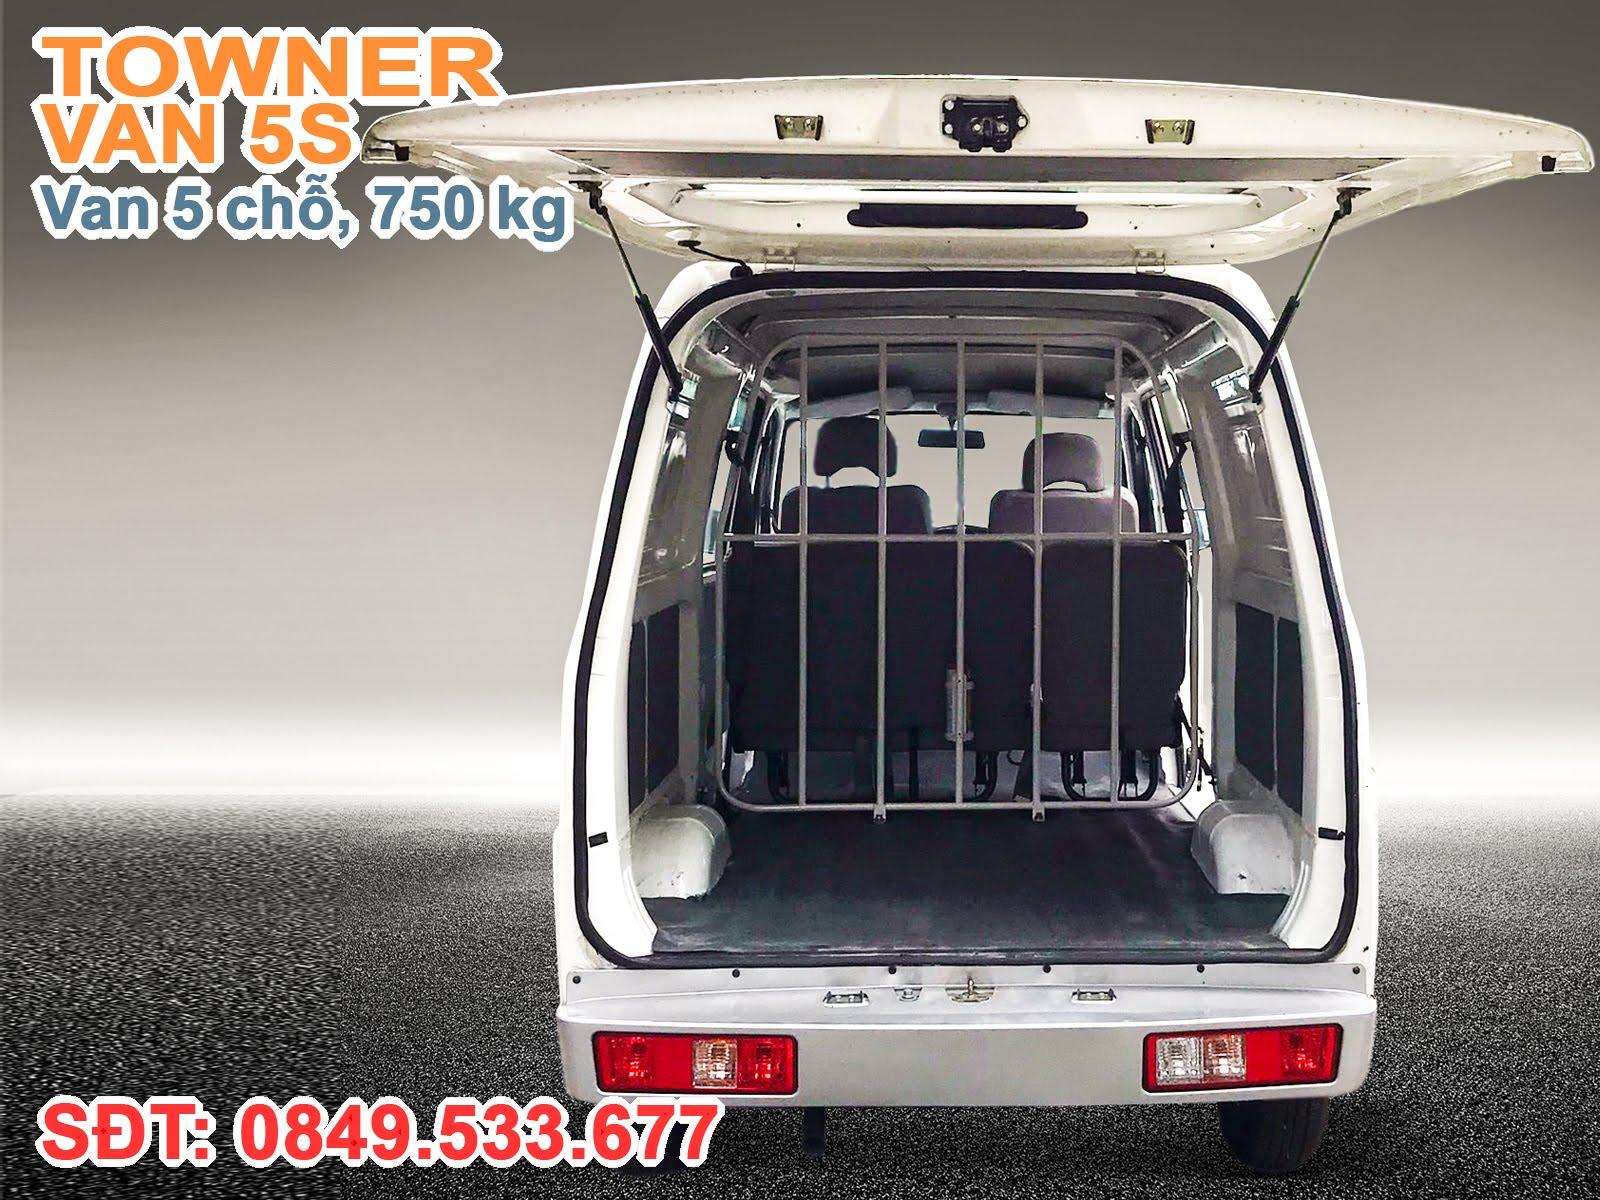 Xe Thaco Towner Van 5S, Cửa sau xe Towner Van được trang bị ty hơi trợ lực, thuận tiện xếp dỡ hàng hóa